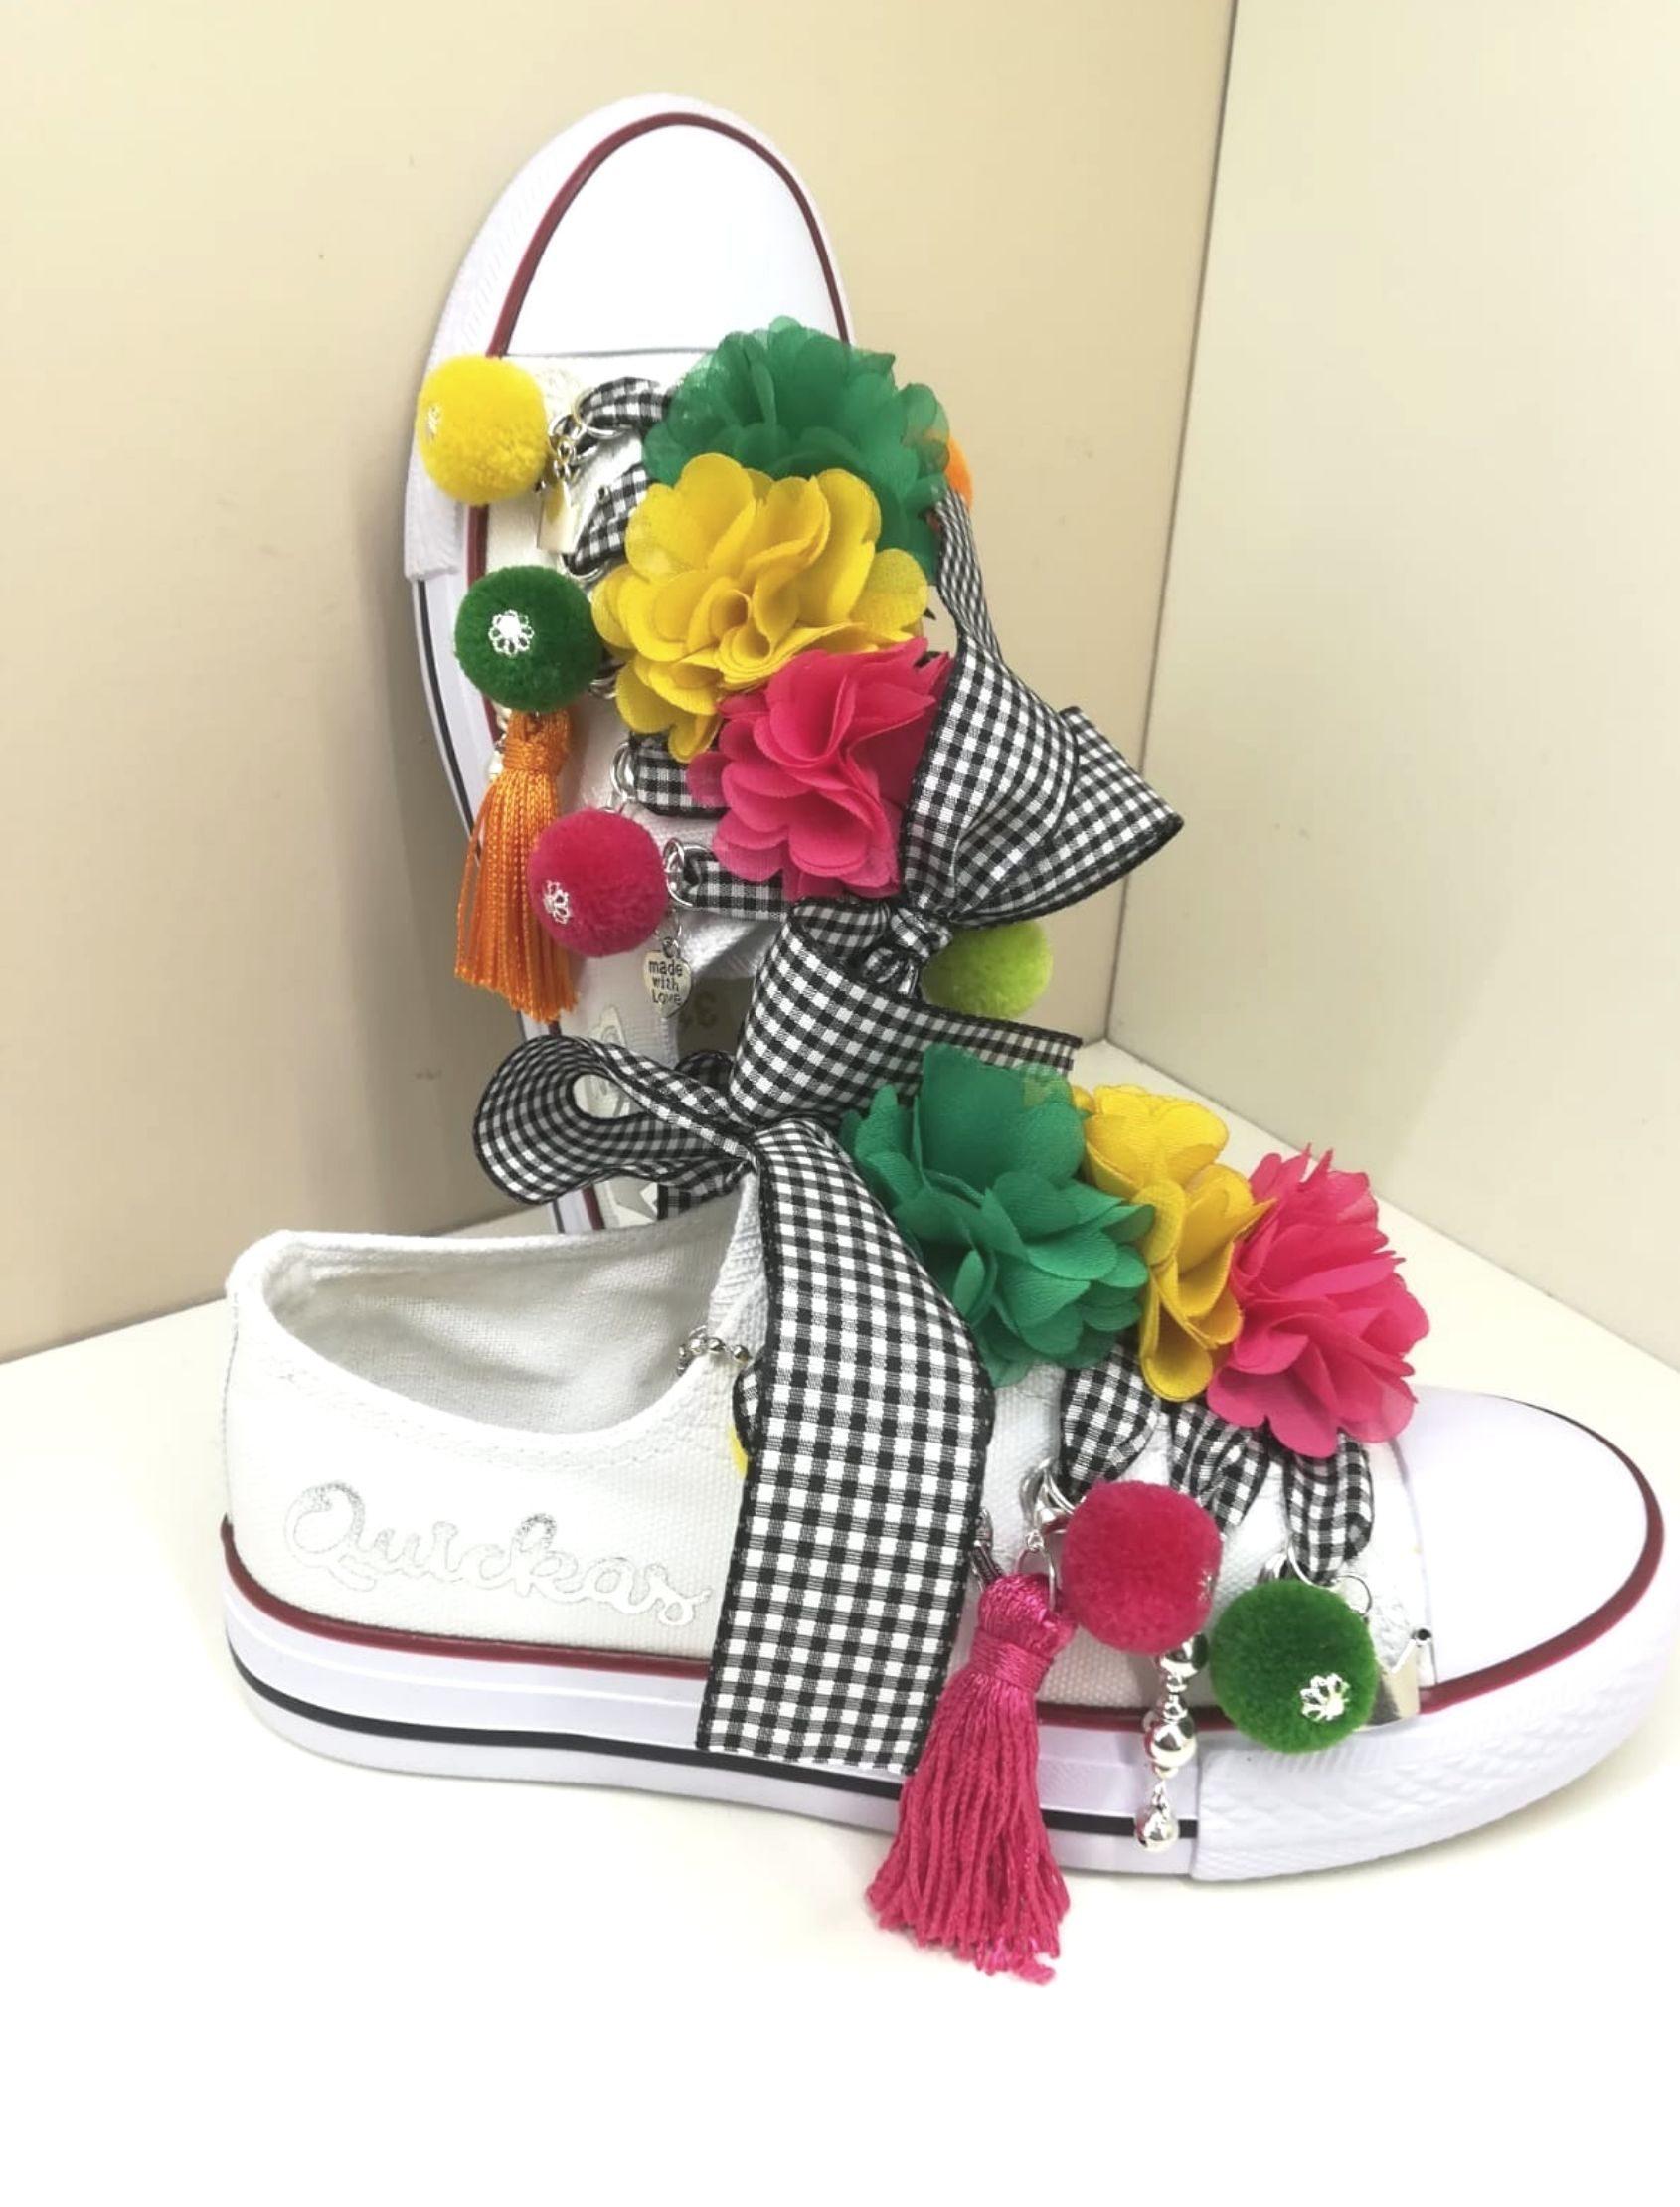 sneakers multicolor de la marca quickas con fondo blanco y pompones multicolor. Detalle de abalorios y cordones en cuadro vichy azul y blanco